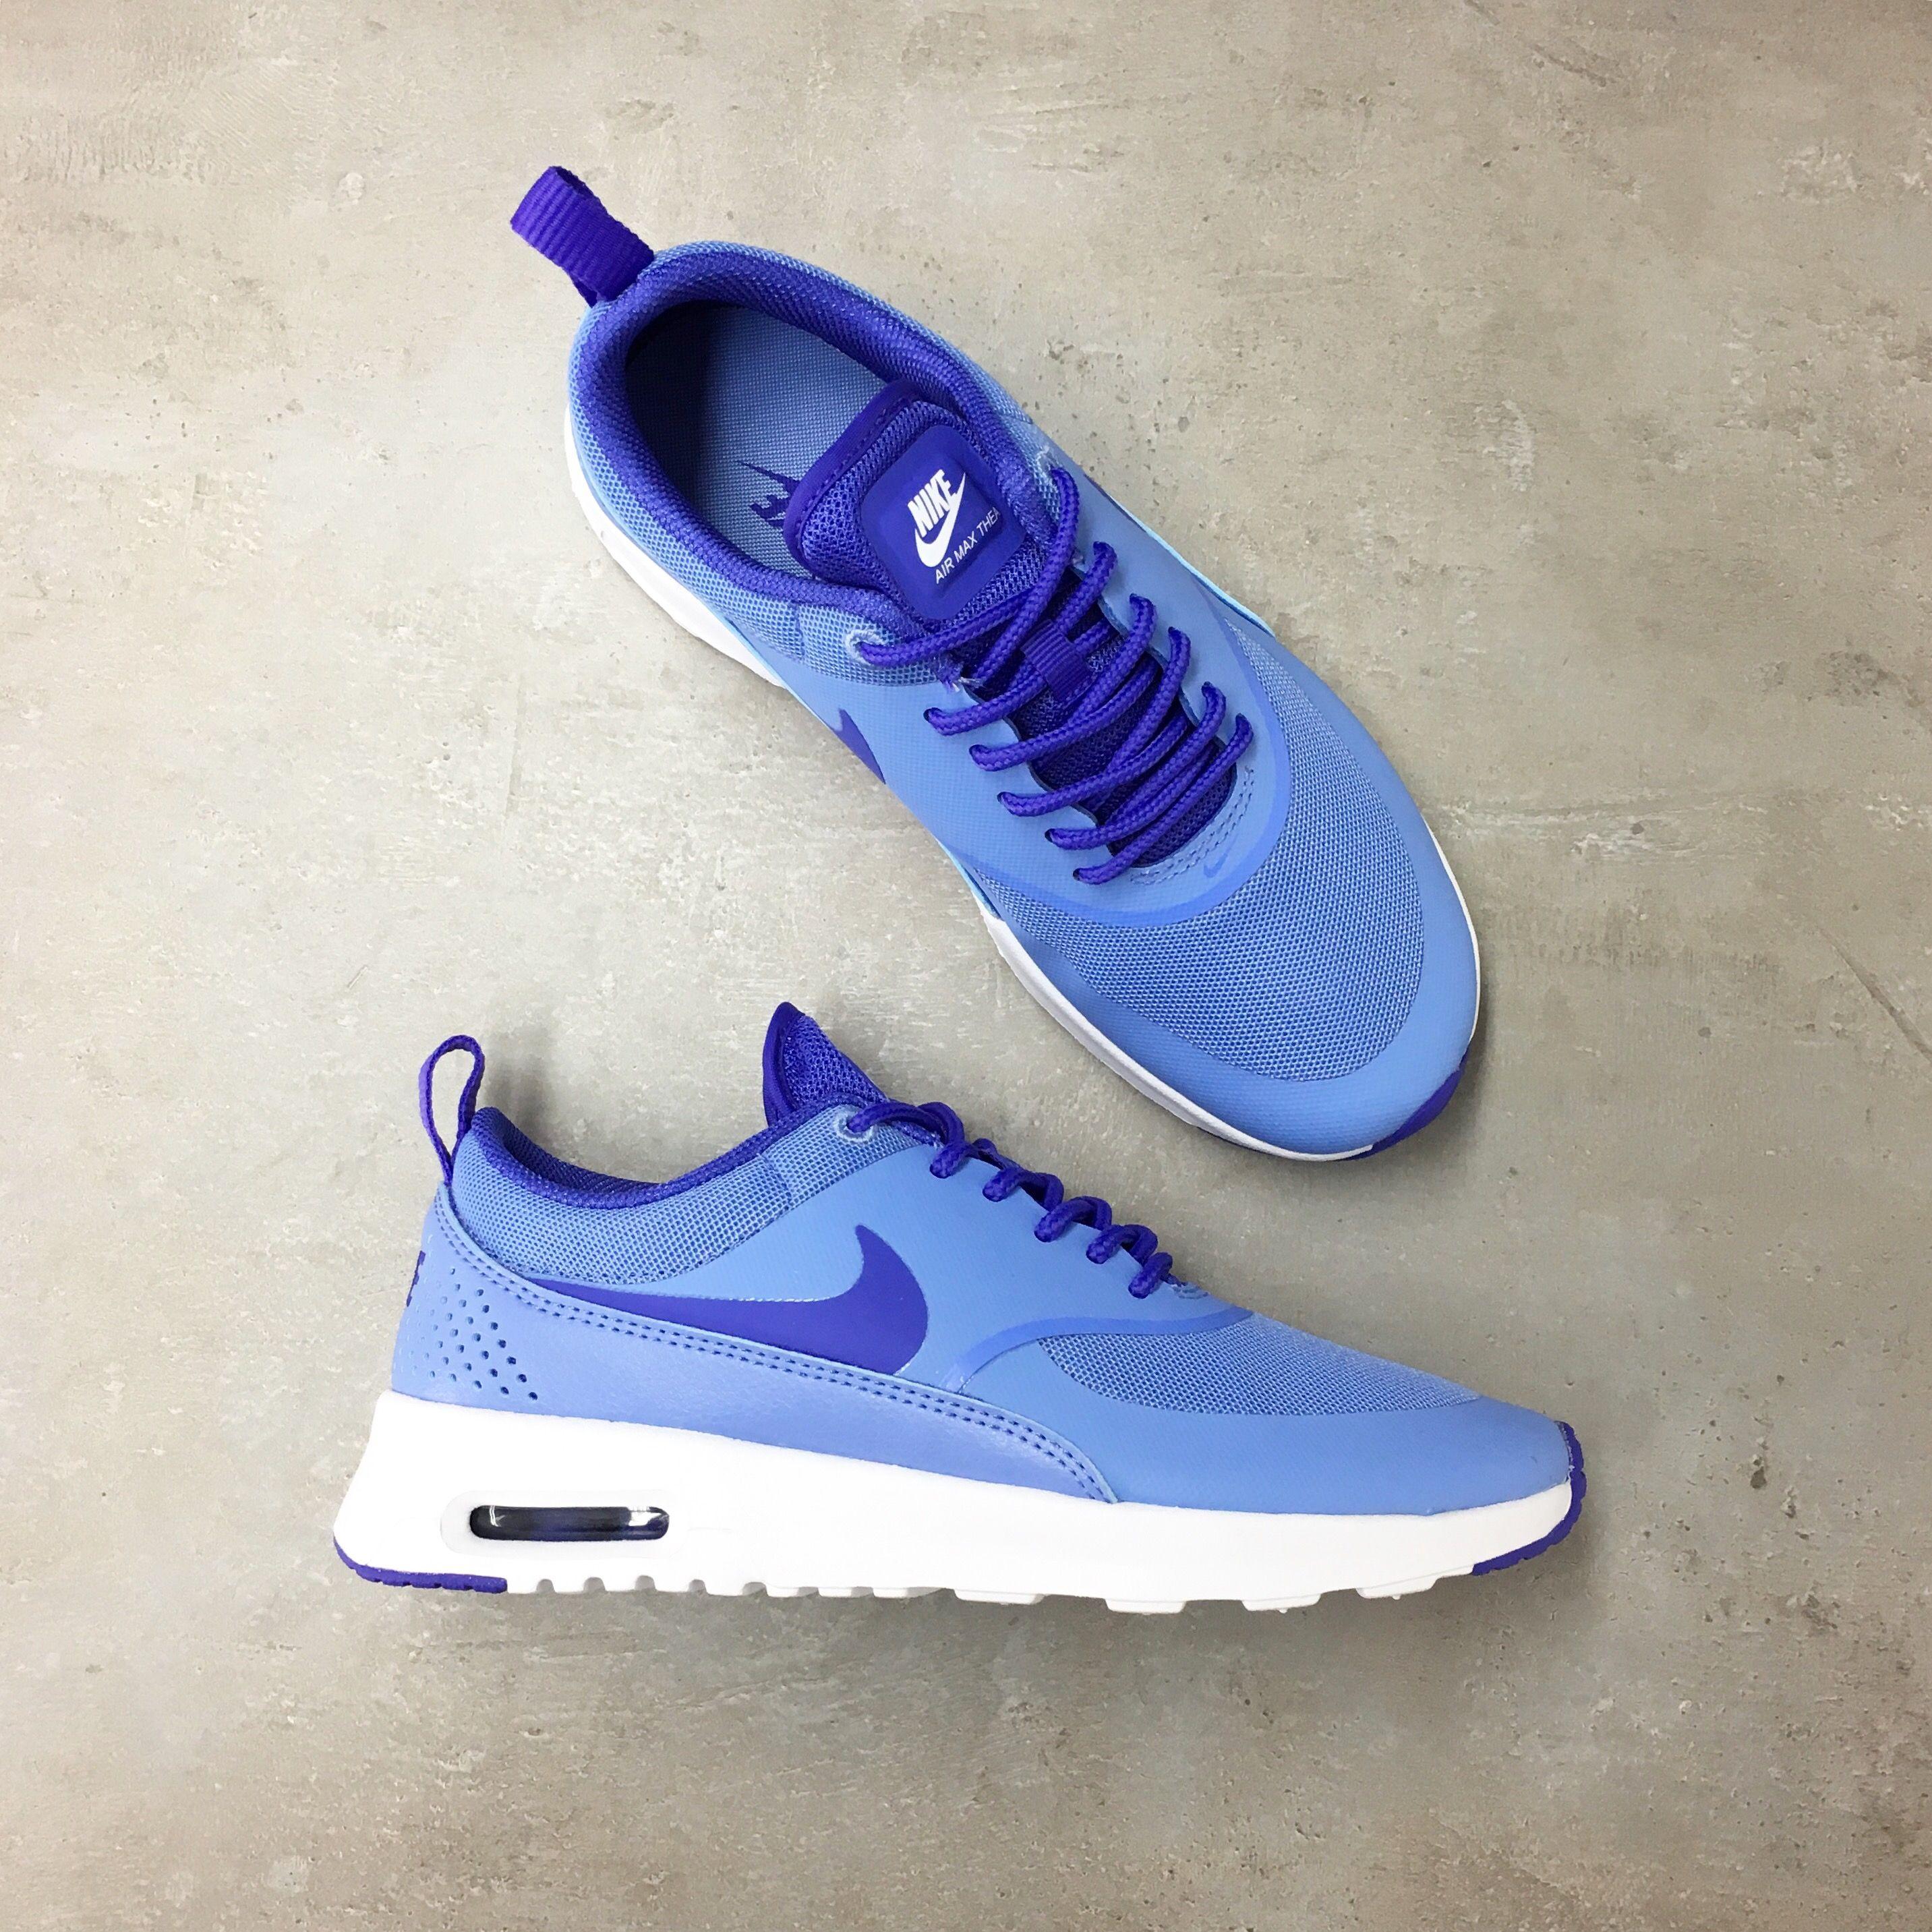 Marken Nike Air Max Schuhe günstig im Outlet kaufen